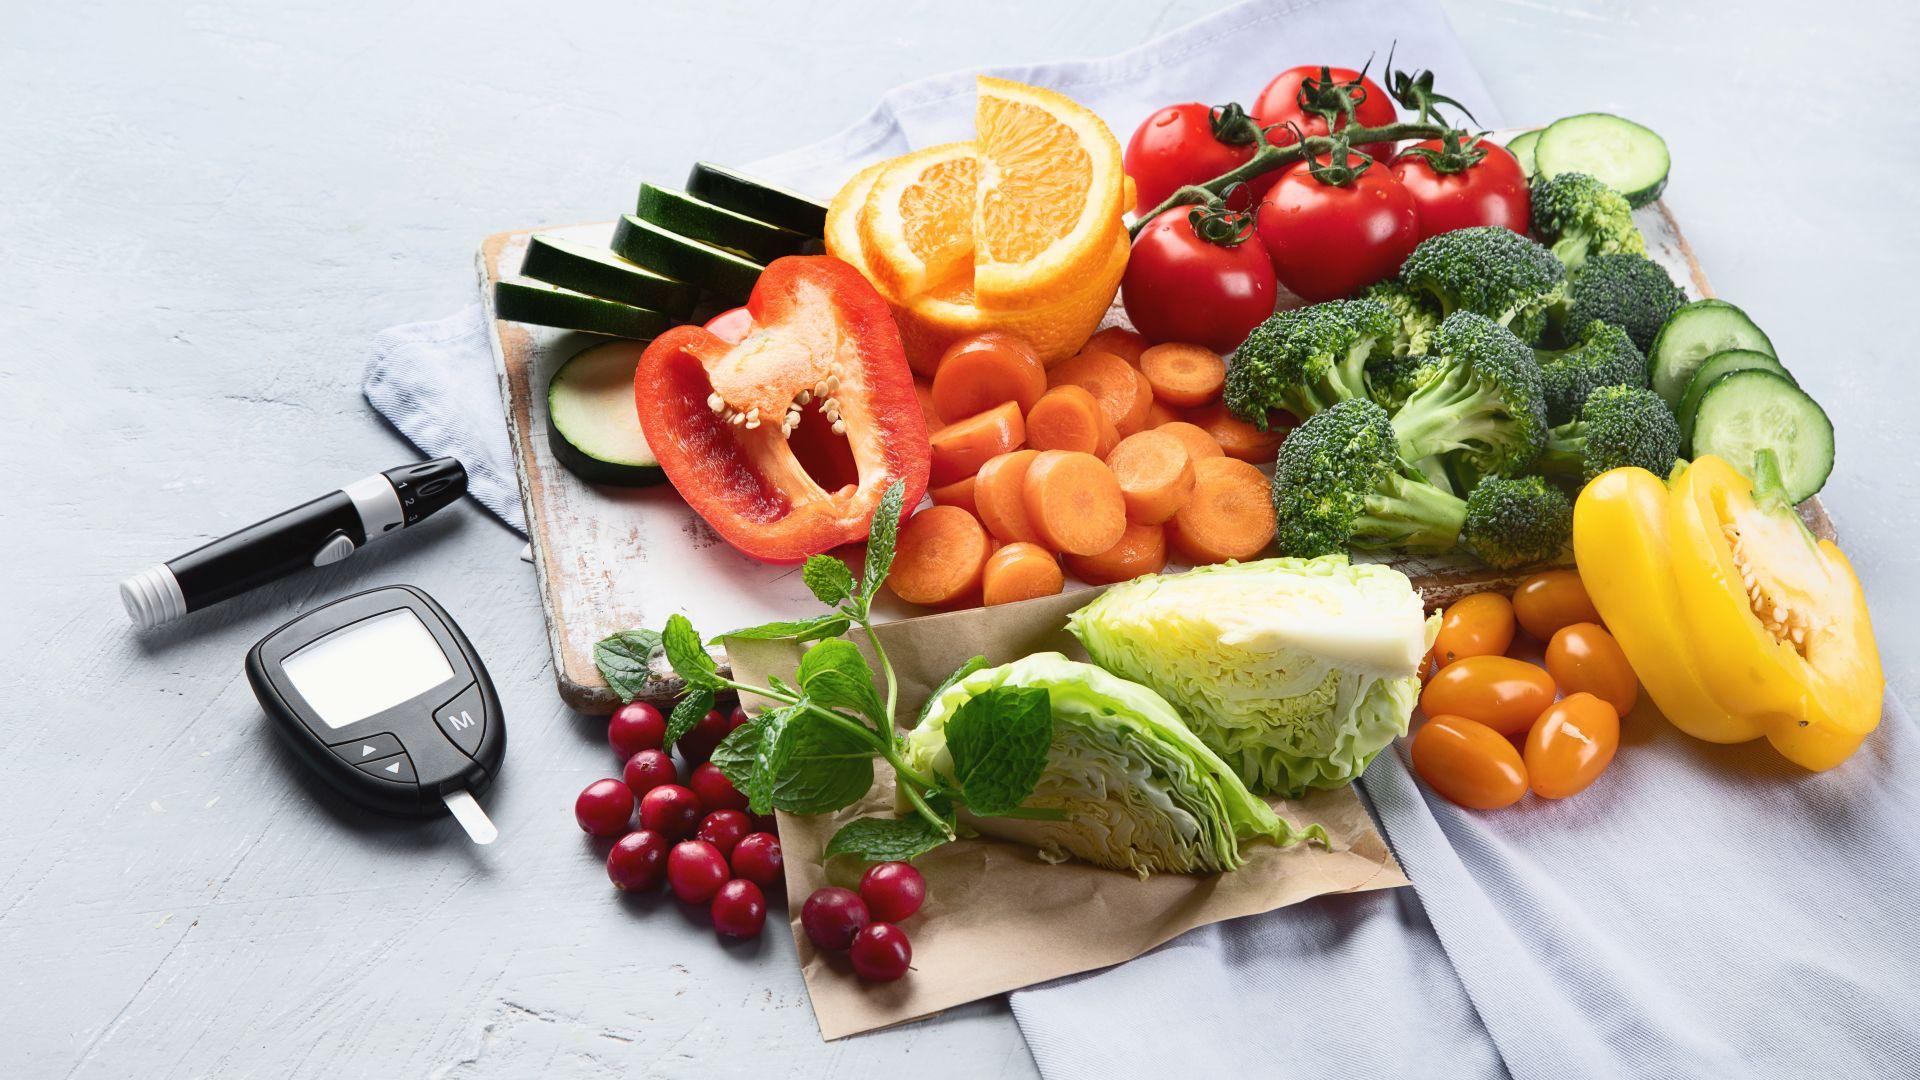 Dieta o niskim indeksie glikemicznym - jakie produkty wybierać, aby nie wpływać na wzrost poziomu glukozy we krwi, czym jest indeks glikemiczny i jak wpływa na zdrowie?